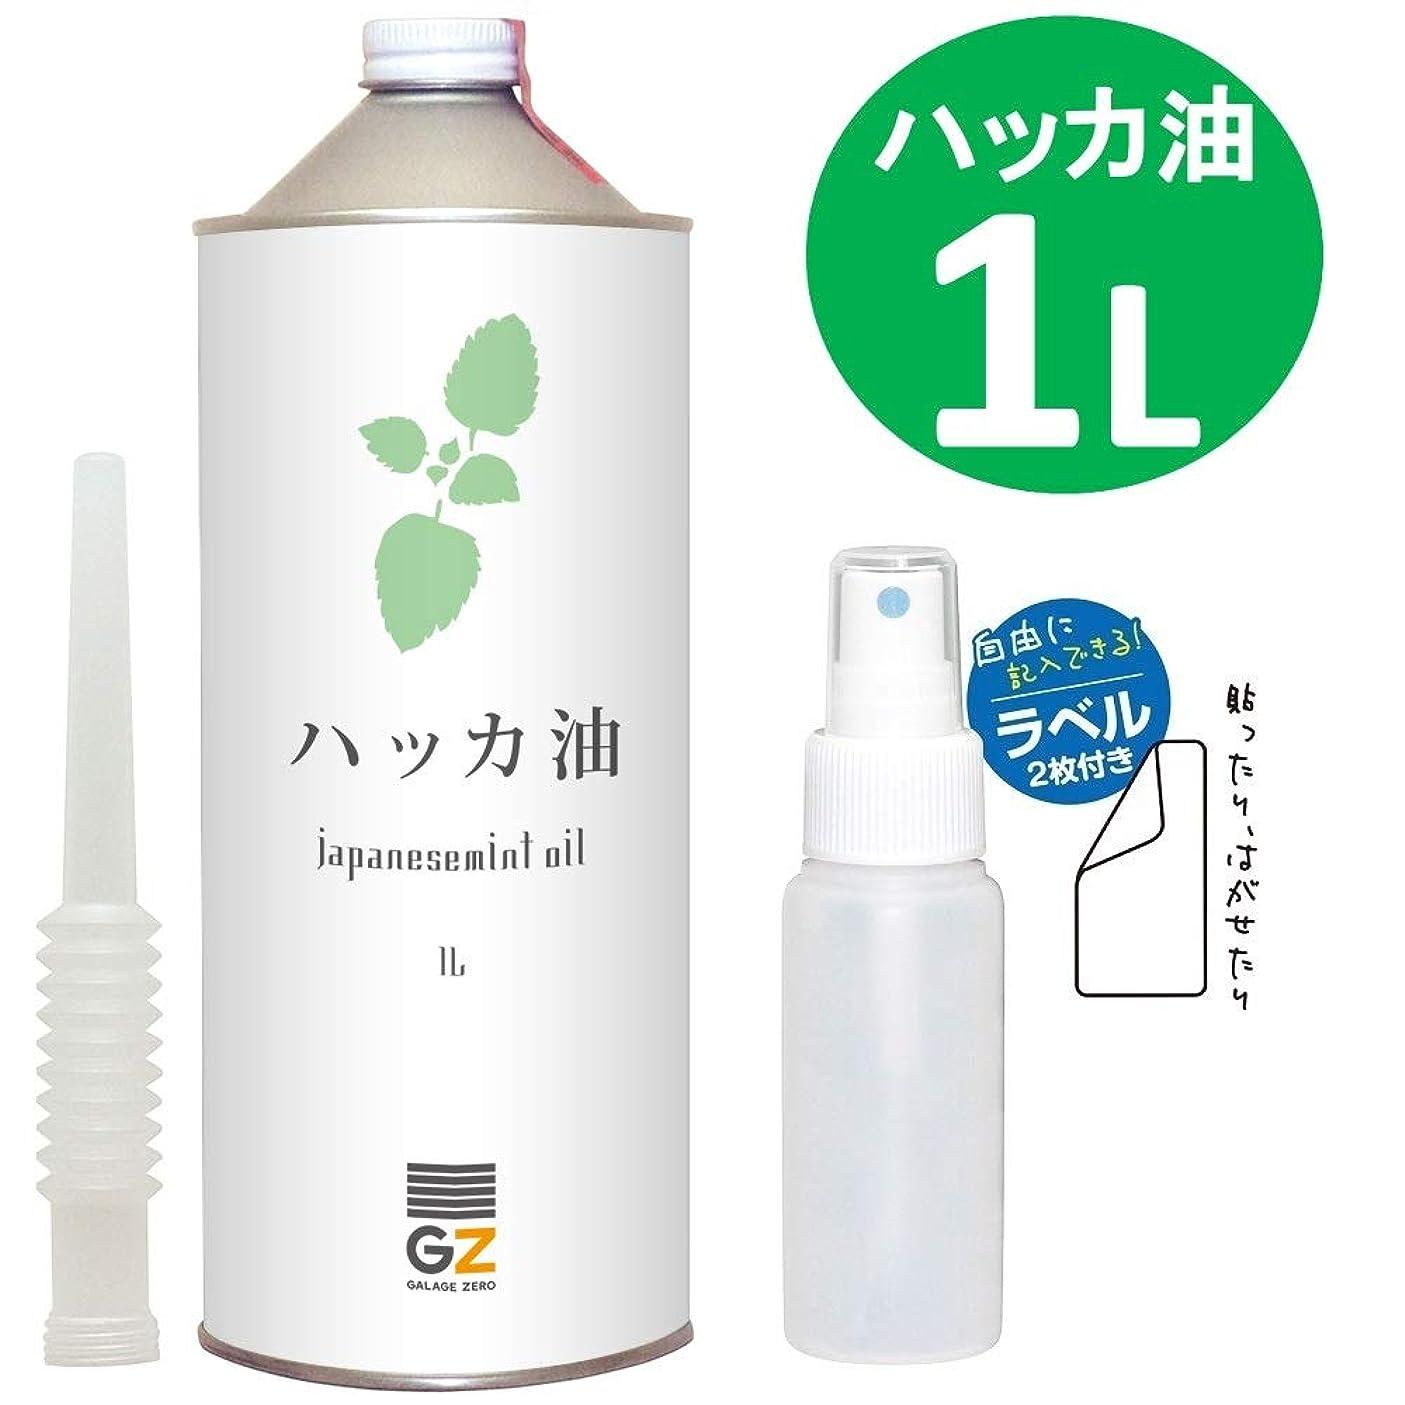 おもてなし十二三角ガレージ?ゼロ ハッカ油 1L(GZAK14)+50mlPEスプレーボトル/和種薄荷/ジャパニーズミント GSE531